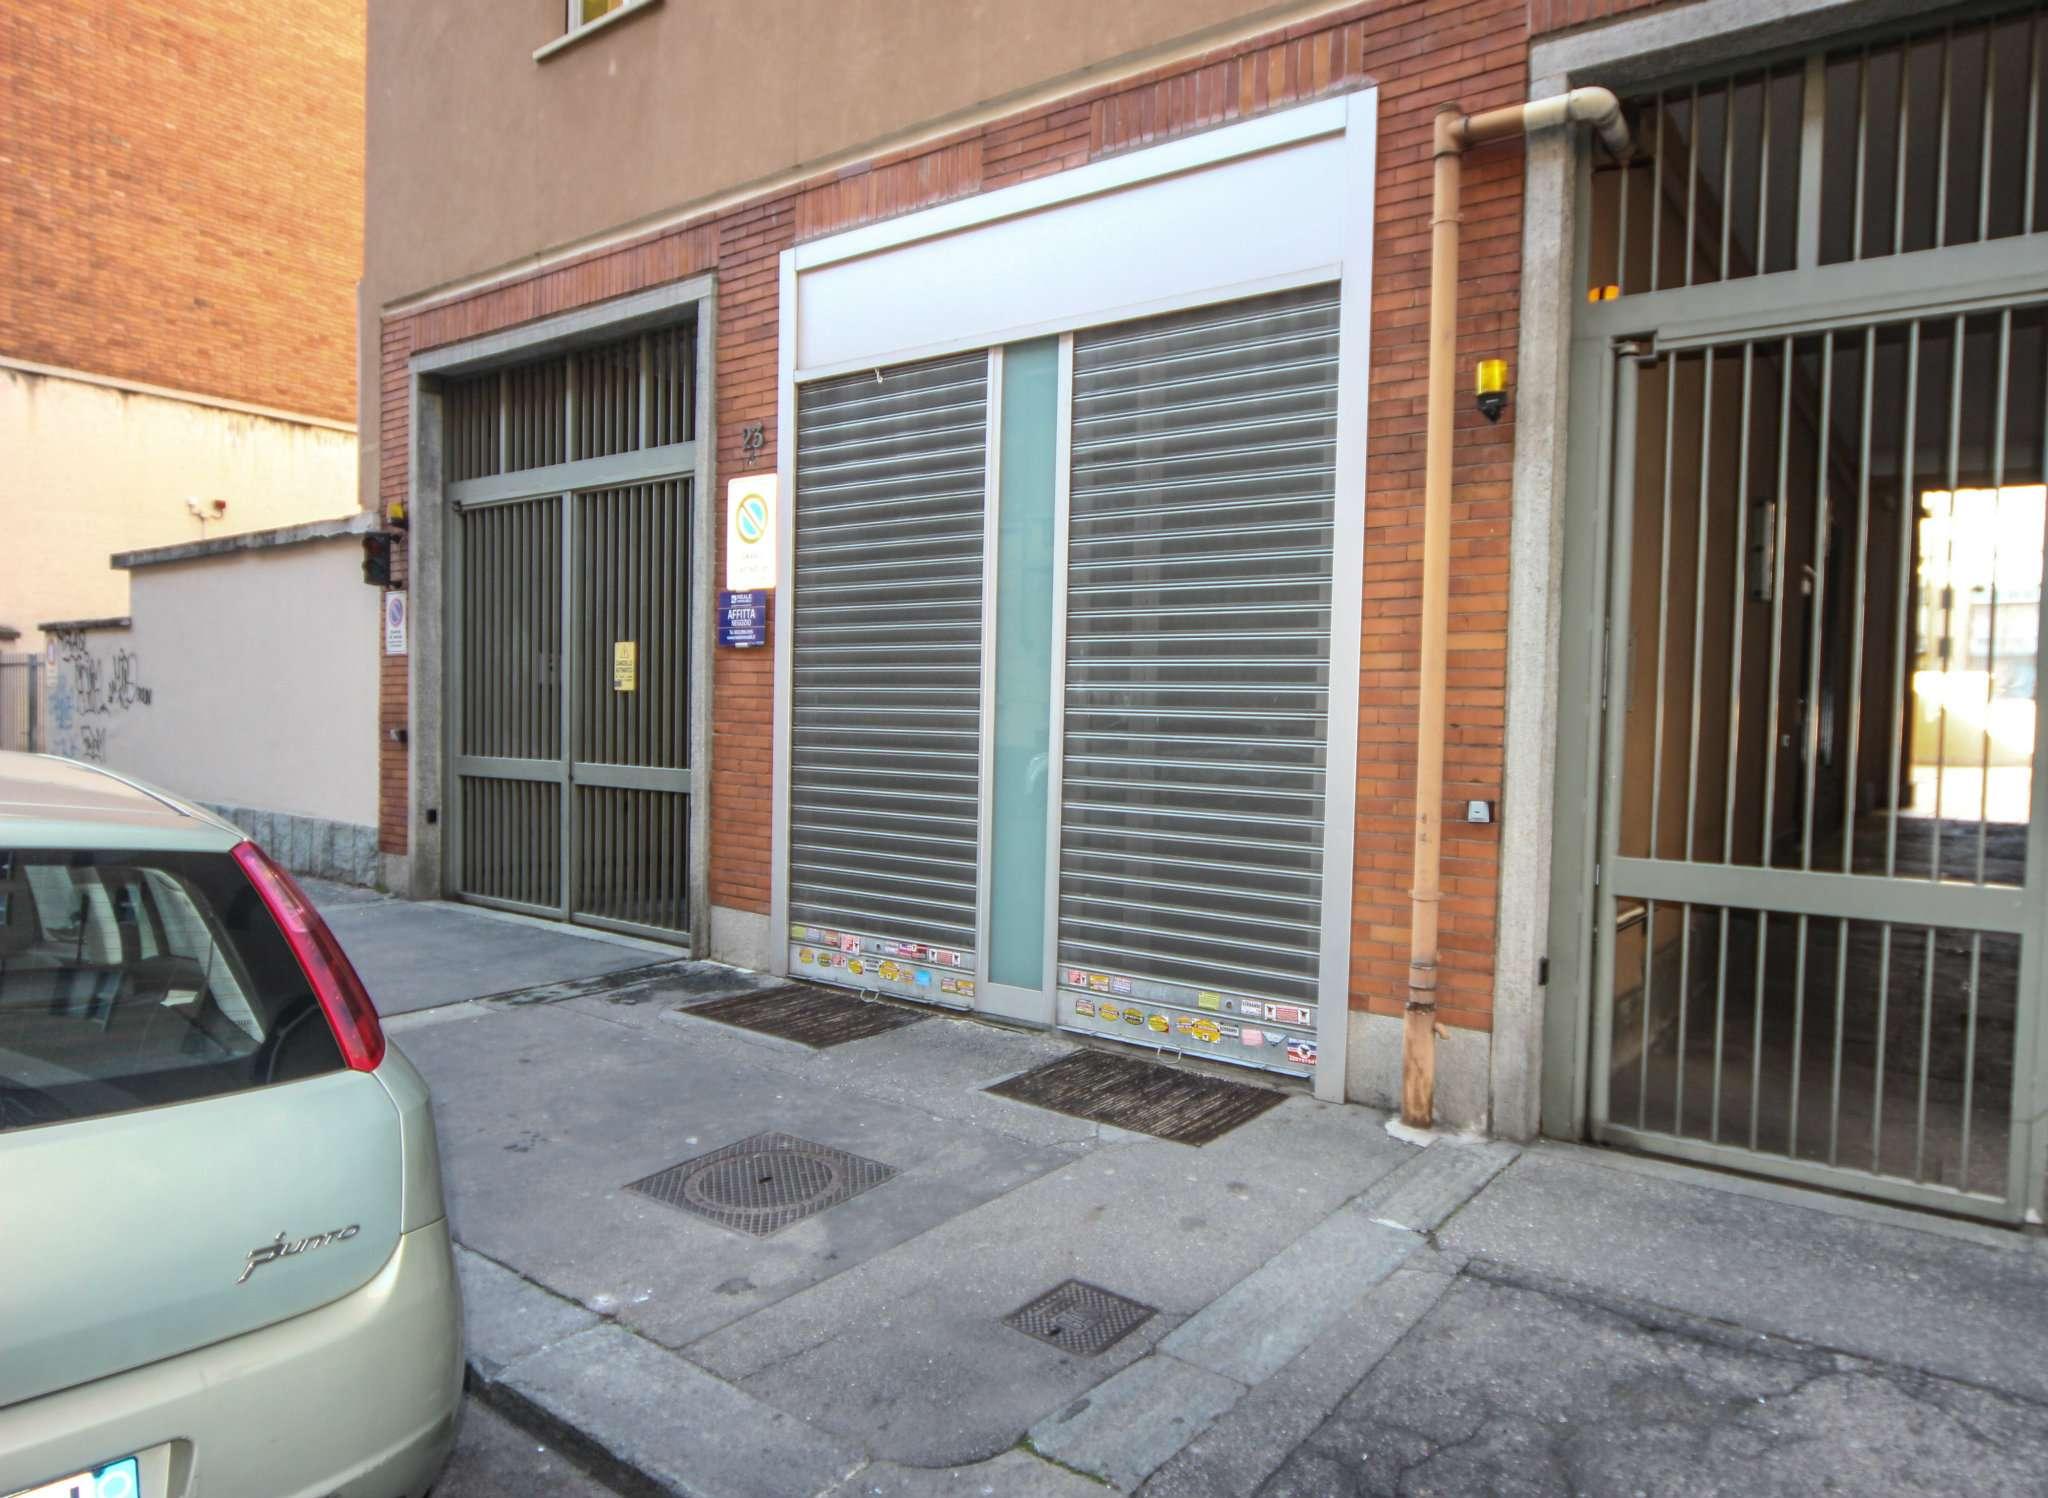 Immagine immobiliare Negozio con vetrine di circa 30 mq con 30 mq di magazzino in affitto in Via Rosta n 25, Campidoglio Proponiamo in affitto negozio con vetrine fronte strada di circa 30 mq, collegato tramite scala interna ad un ampio magazzino al piano...